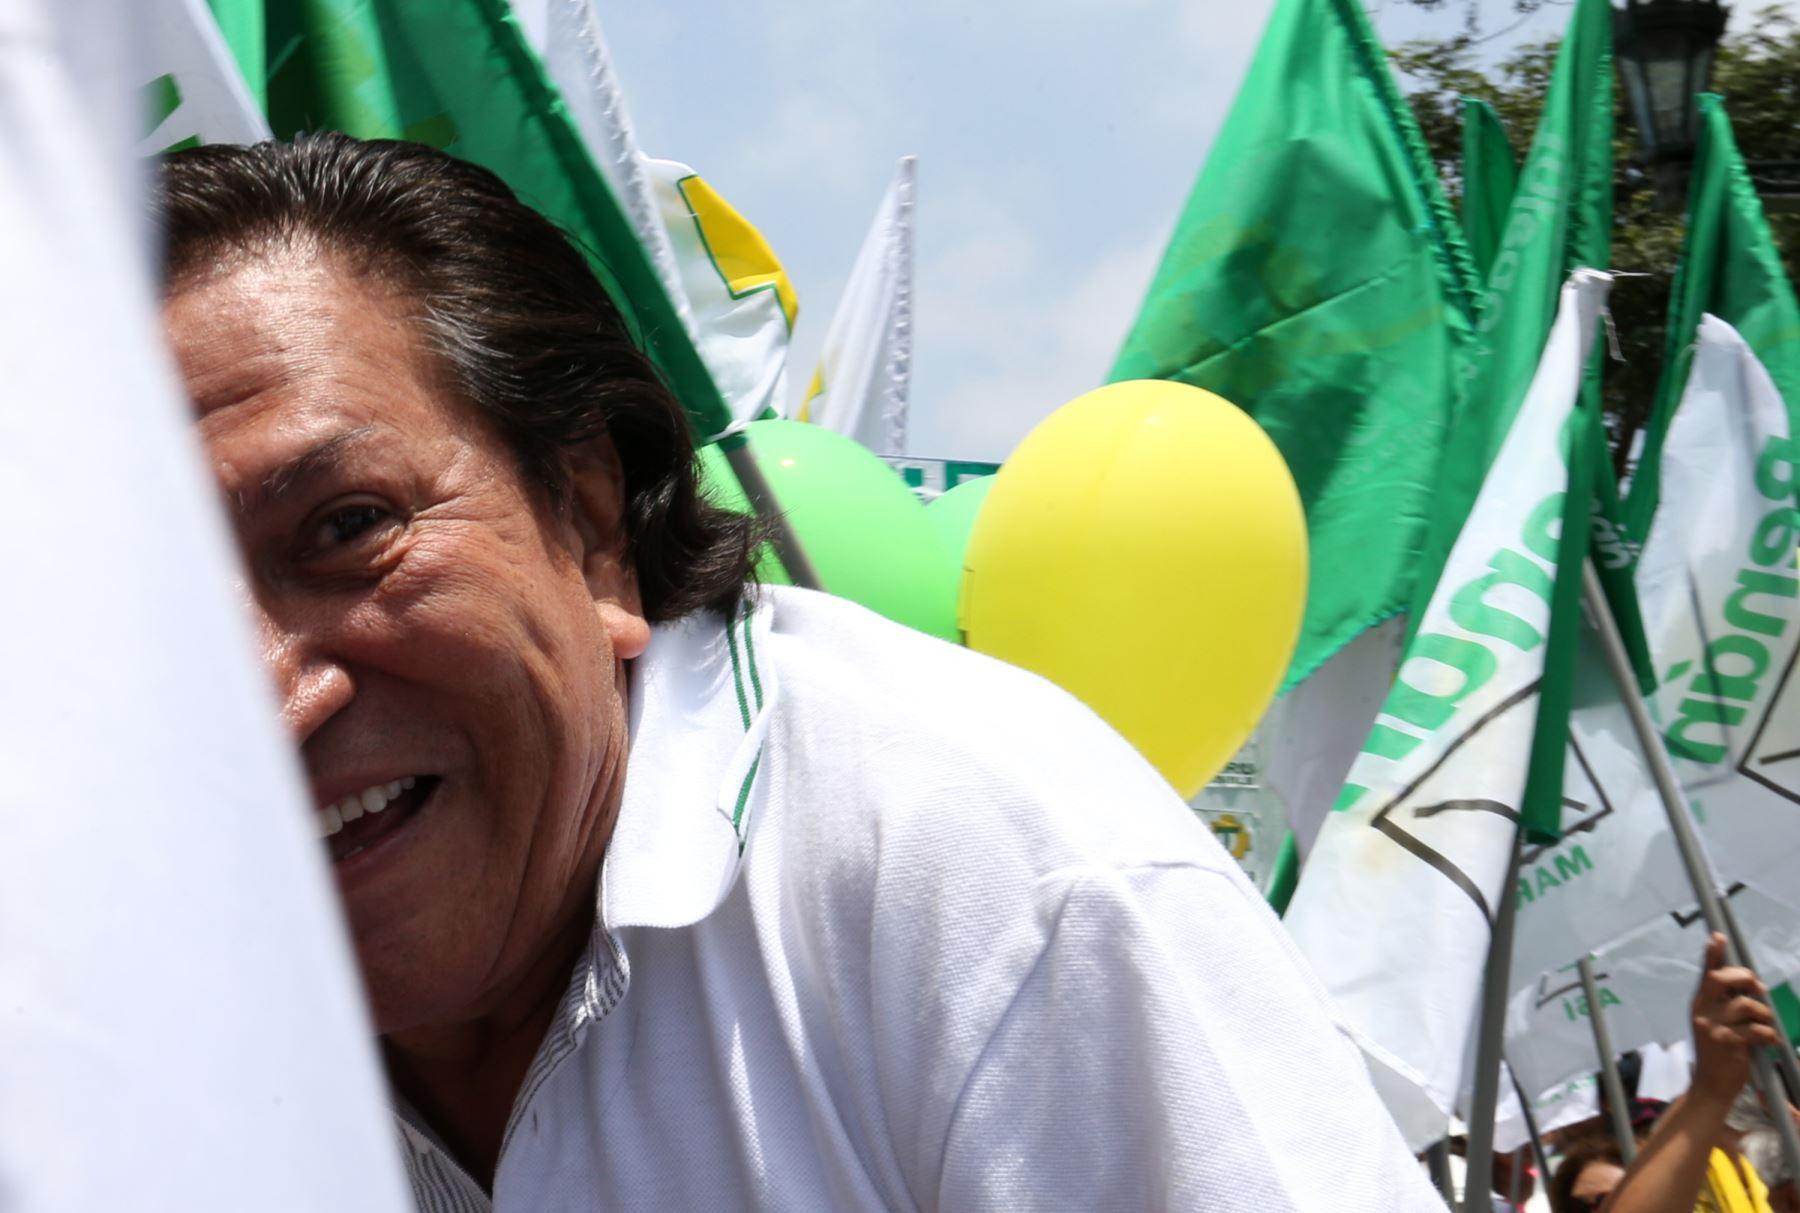 """Alejandro Toledo ha negado """"categóricamente"""" haber recibido sobornos y atribuye las acusaciones en su contra a una persecución concebida por sus enemigos políticos."""